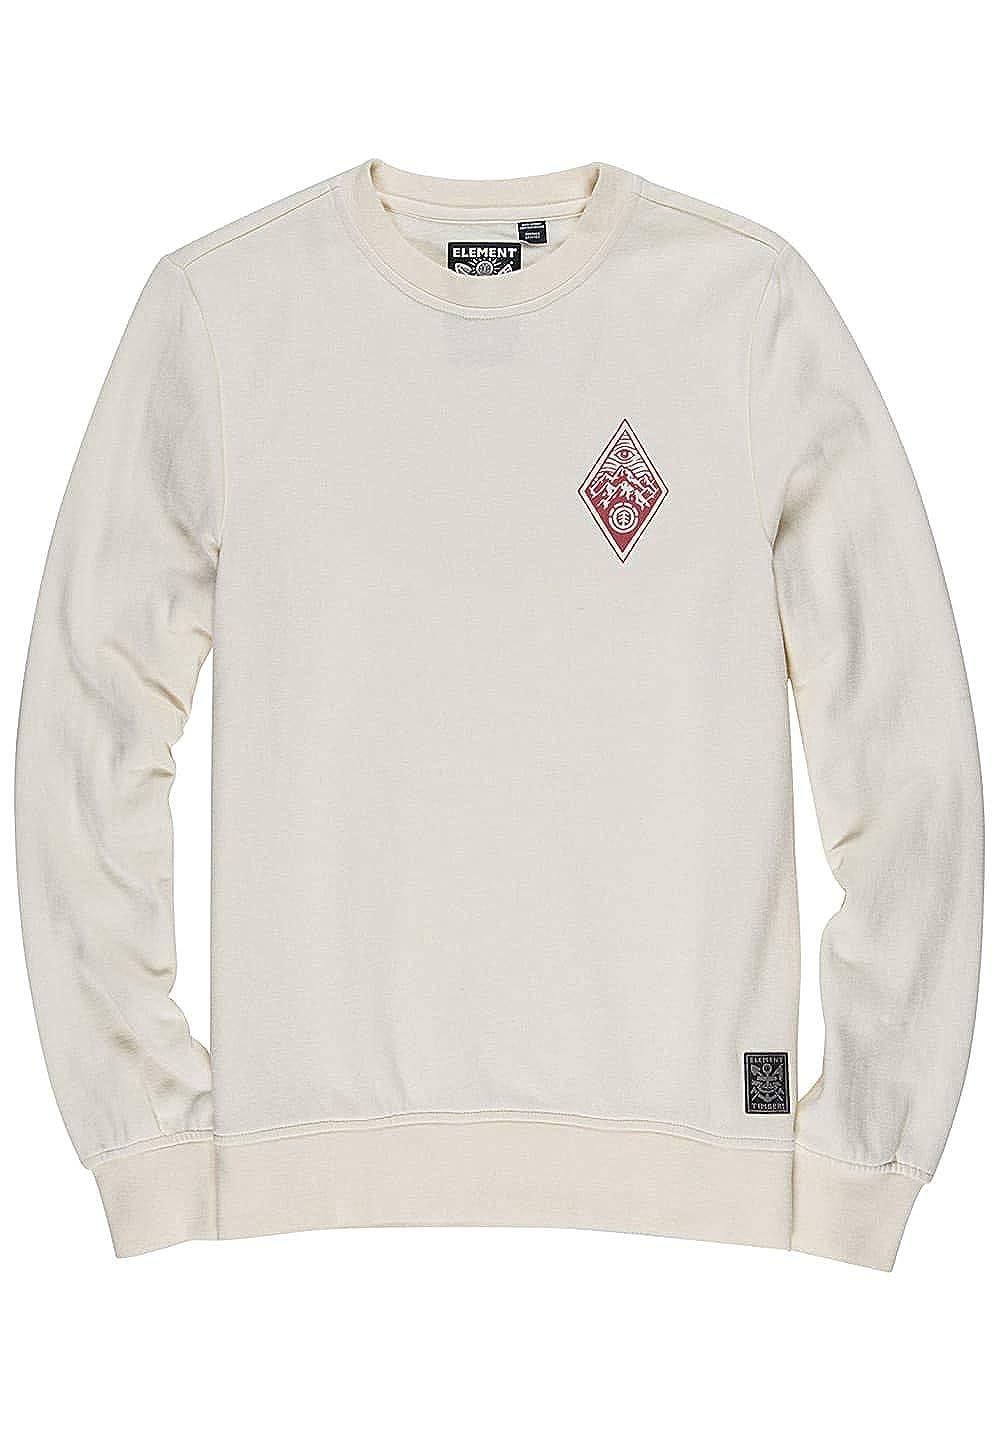 Element Timber Herren Eye Sweatshirt Pullover Bone Weiß S